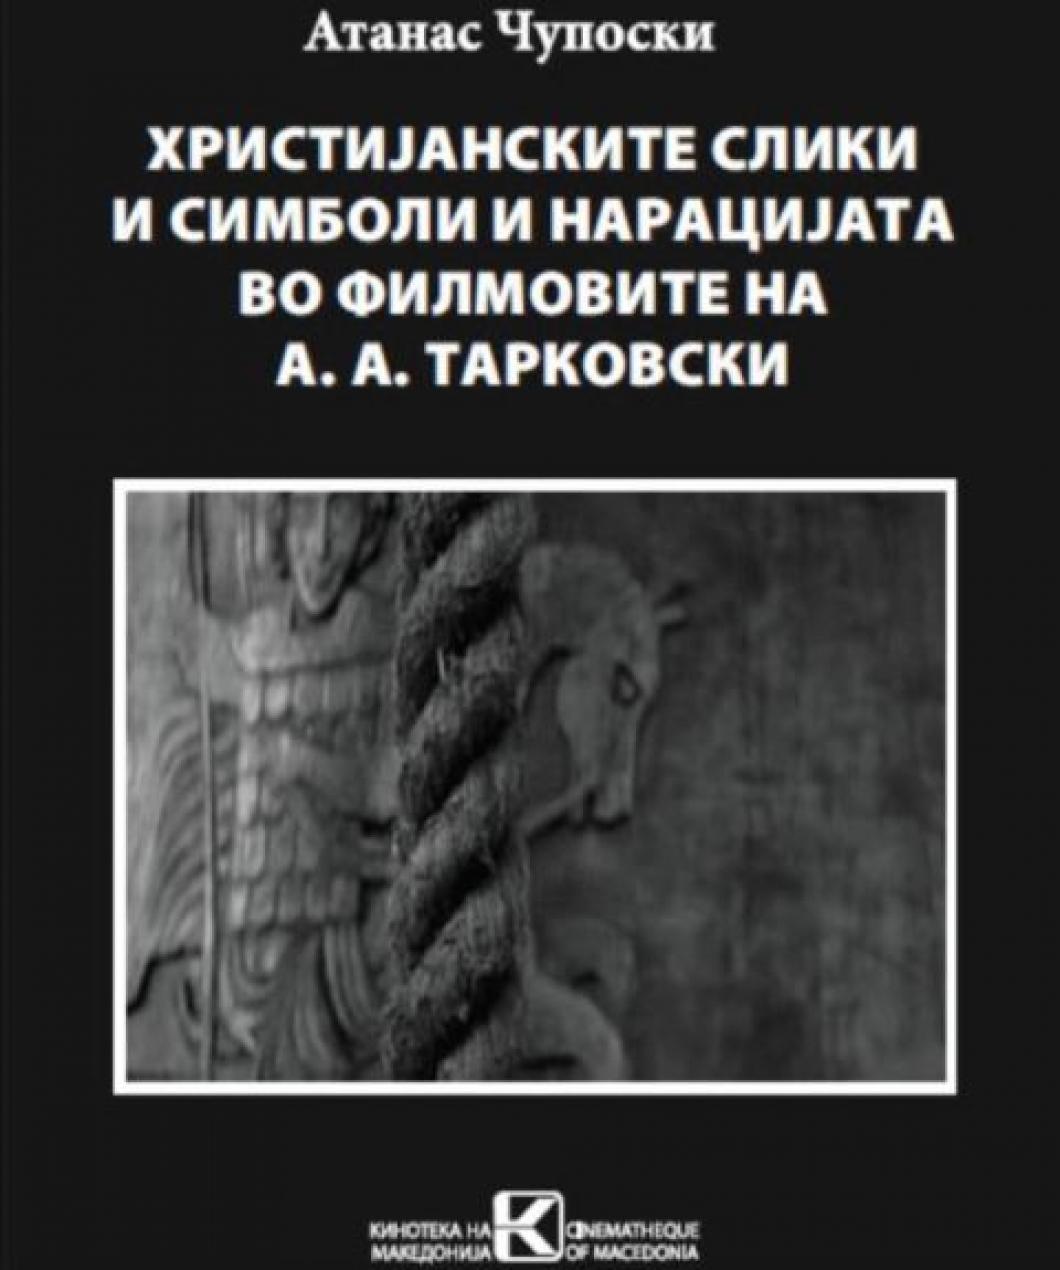 КИНОТЕКА – ОНЛАЈН ДОСТАПНА И КНИГАТА НА ЧУПОСКИ ЗА АНДРЕЈ ТАРКОВСКИ